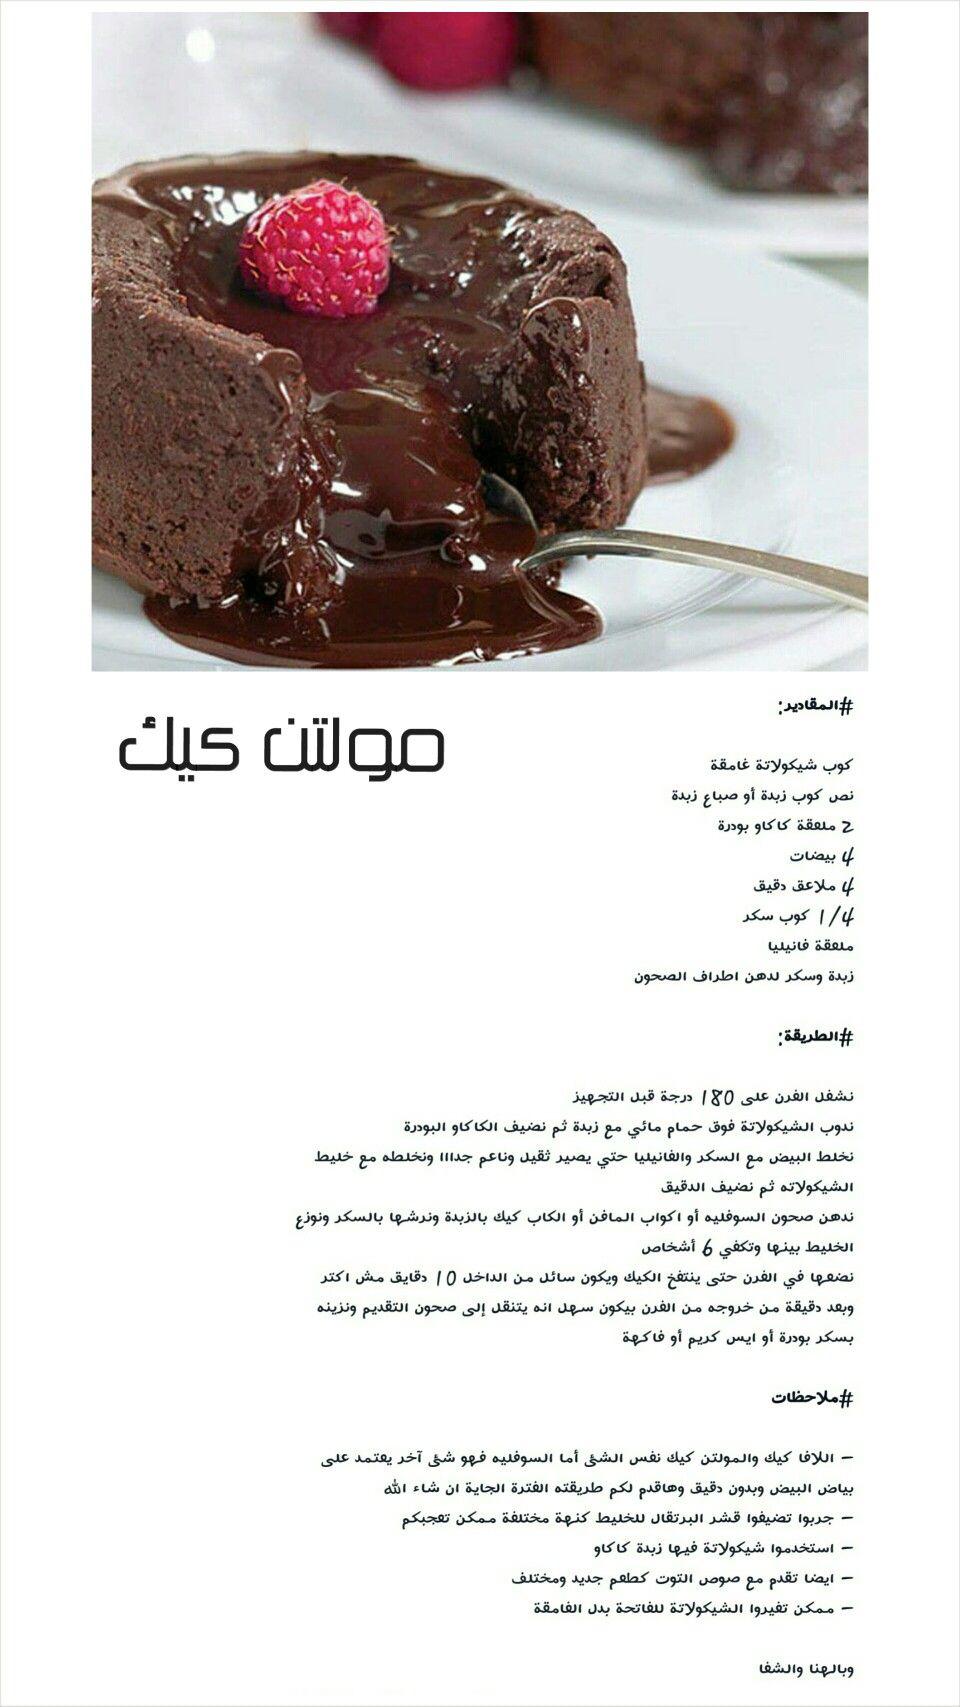 مولتون كيك Yummy Food Dessert Sweets Recipes Dessert Ingredients